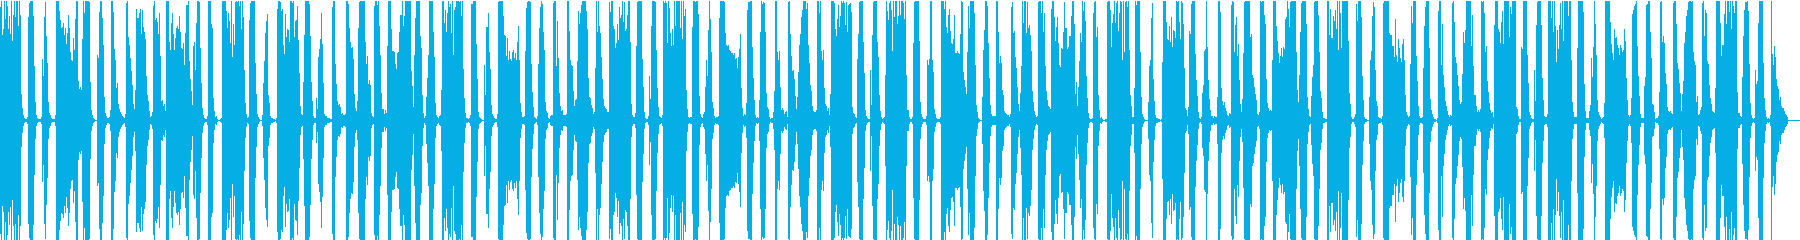 ボイスパーカッション・ビートボックス_1の再生済みの波形